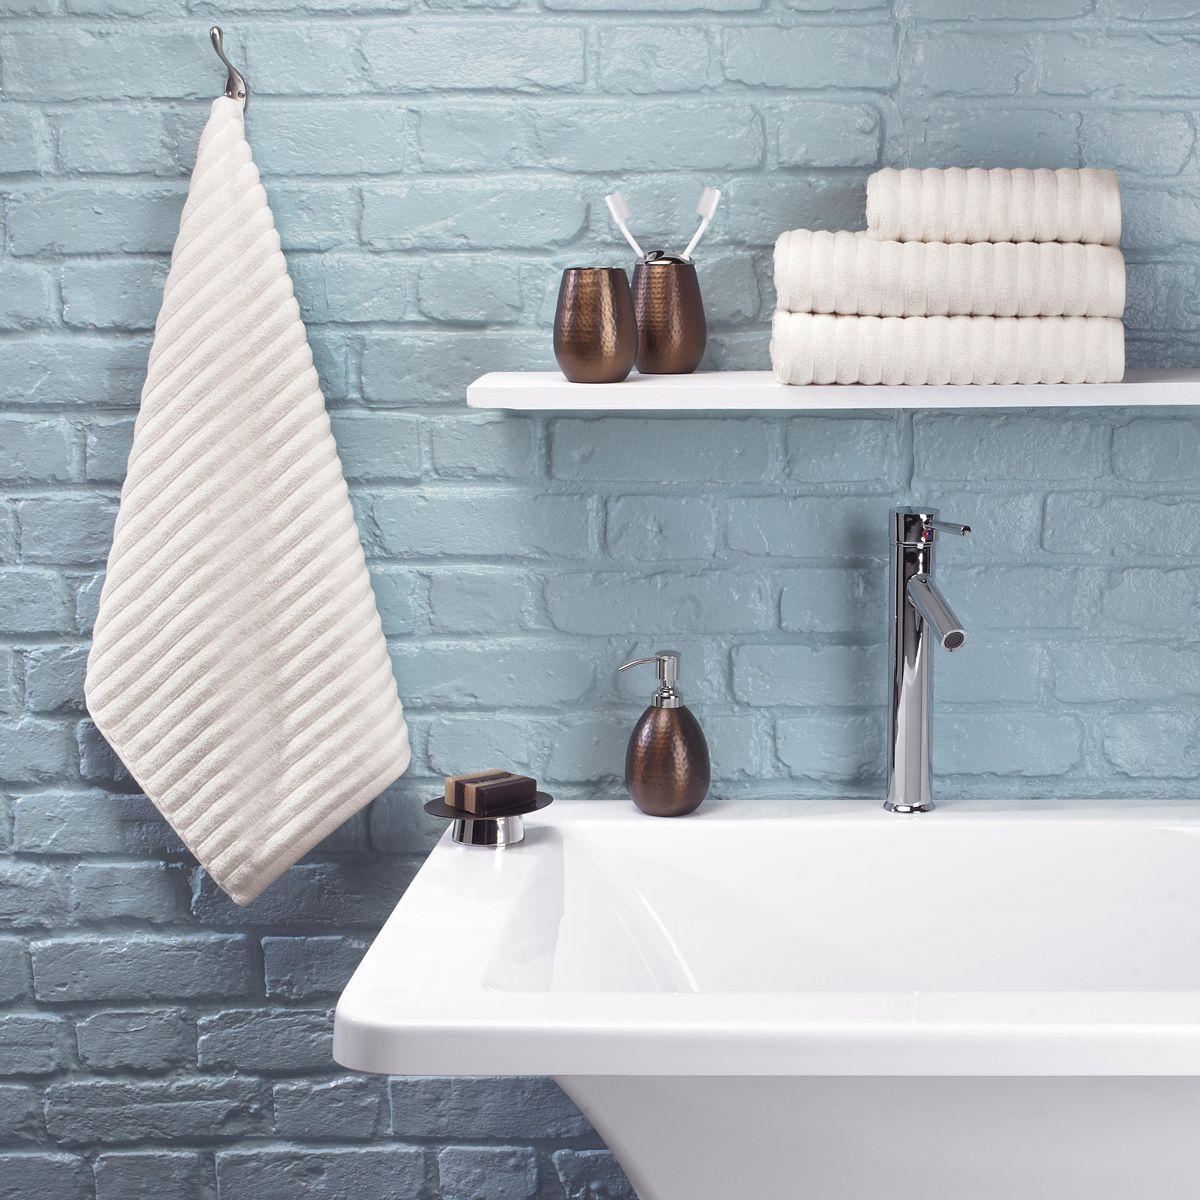 Urbanite Rib Towel in Cream